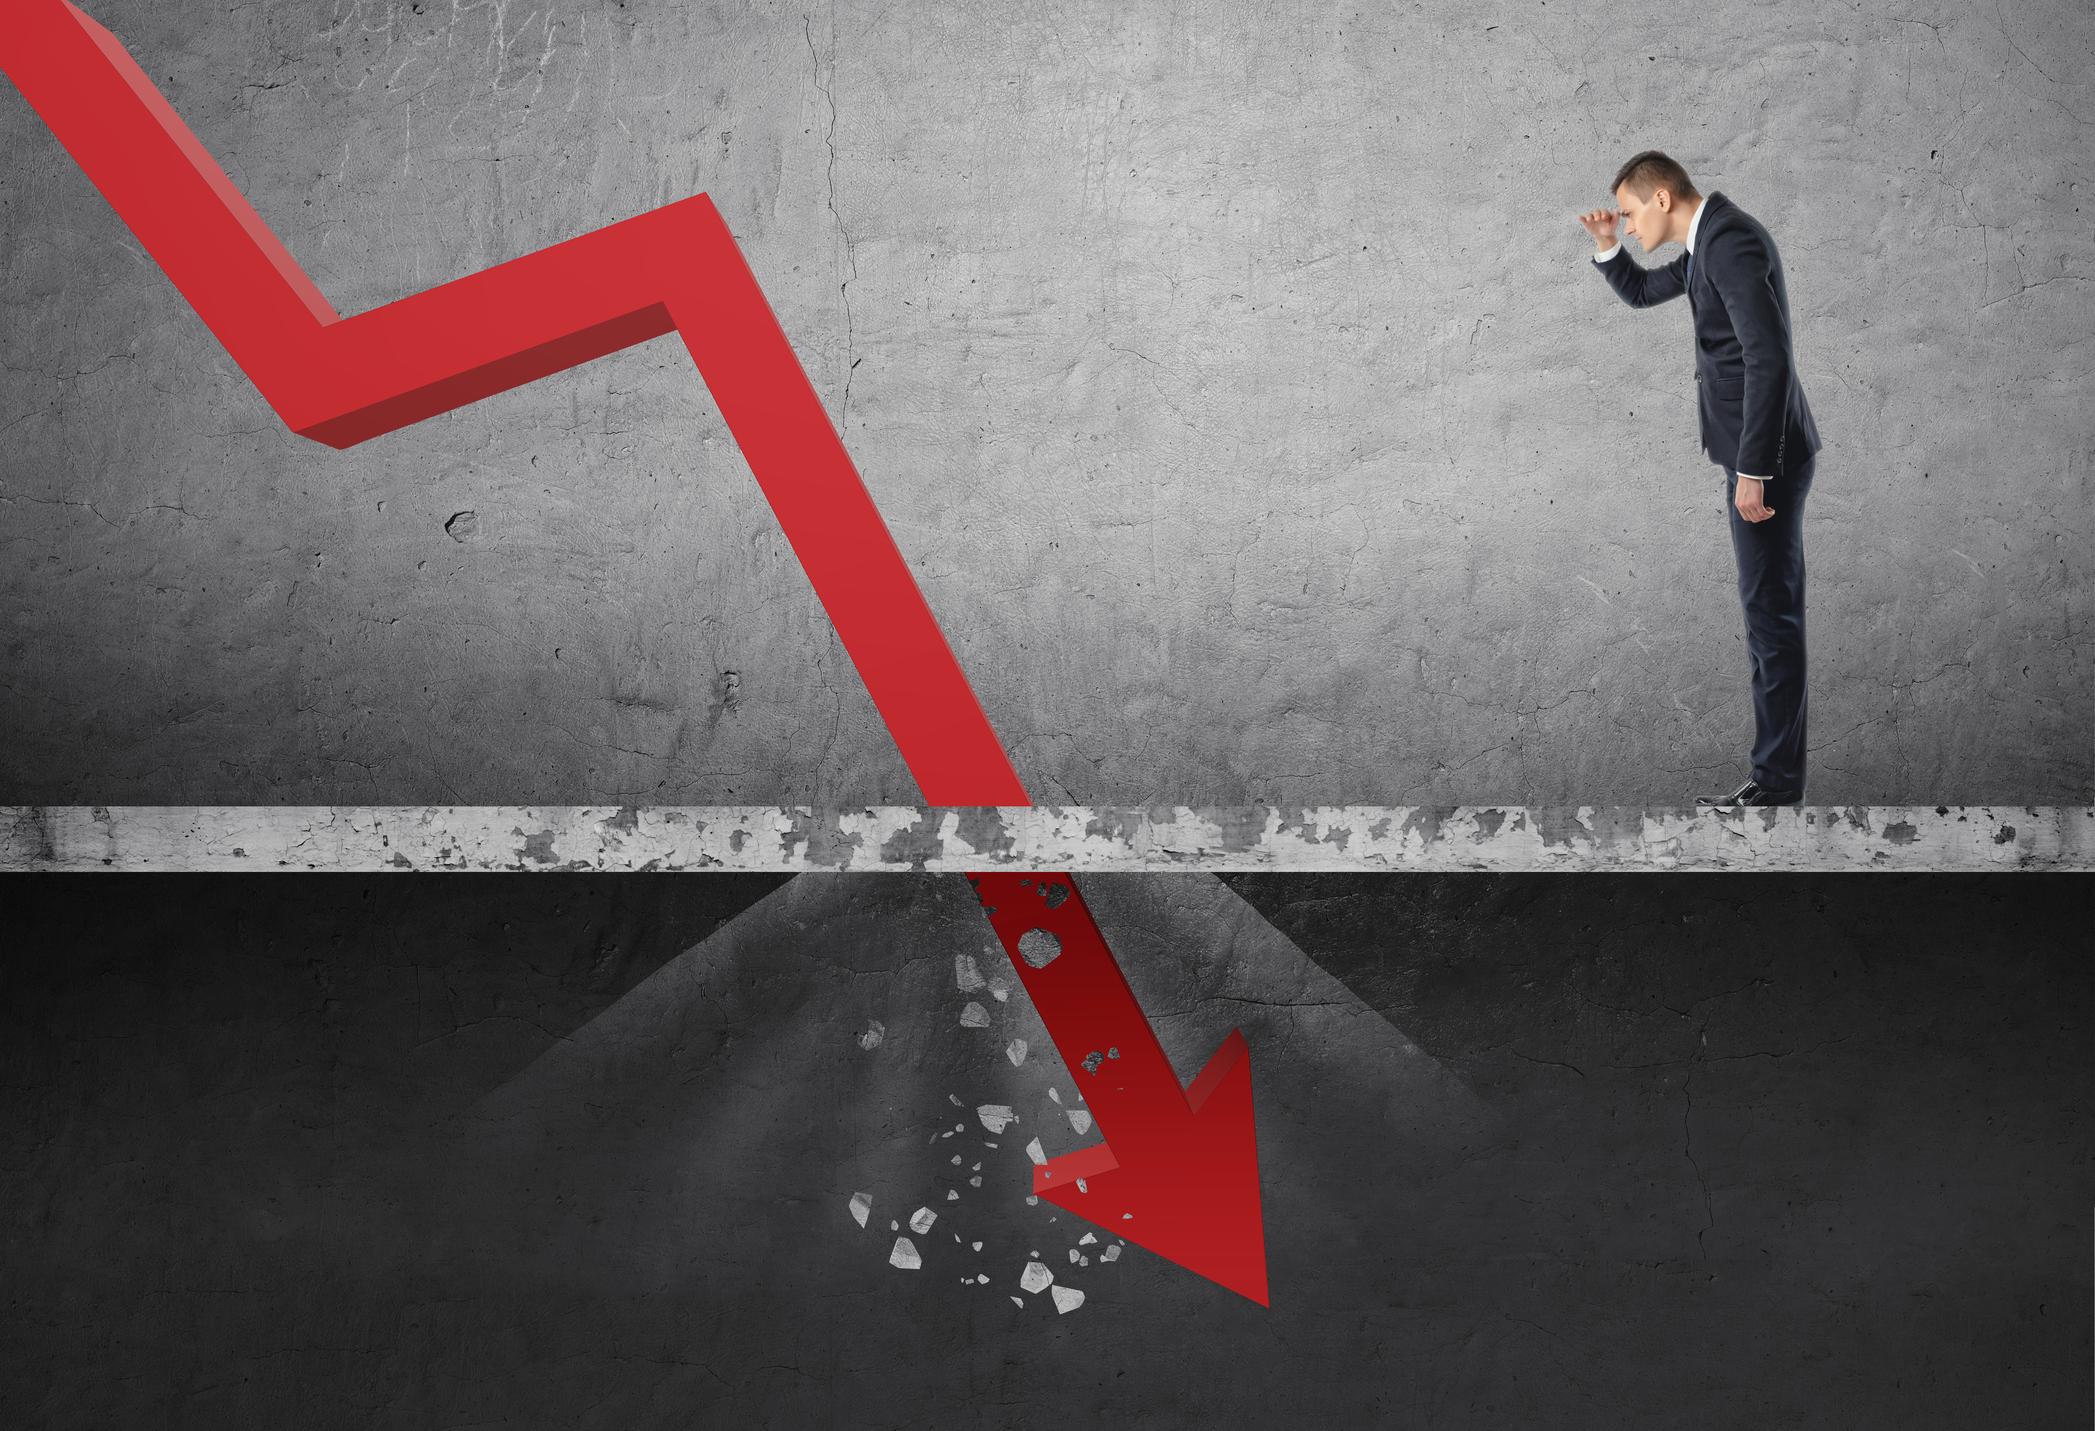 A businessman watches a stock chart crash.